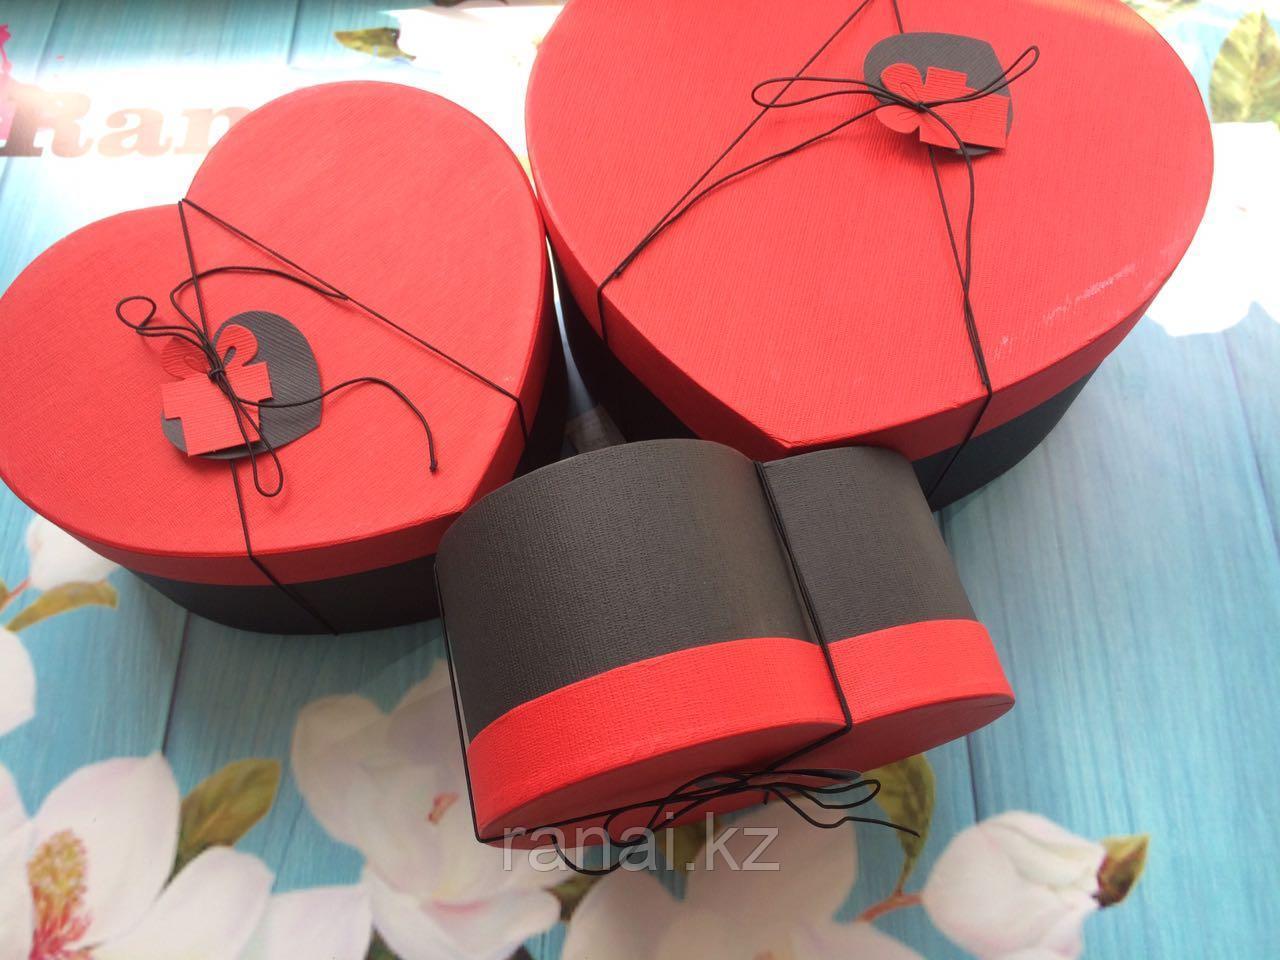 Коробки для подарков алматы - фото 2